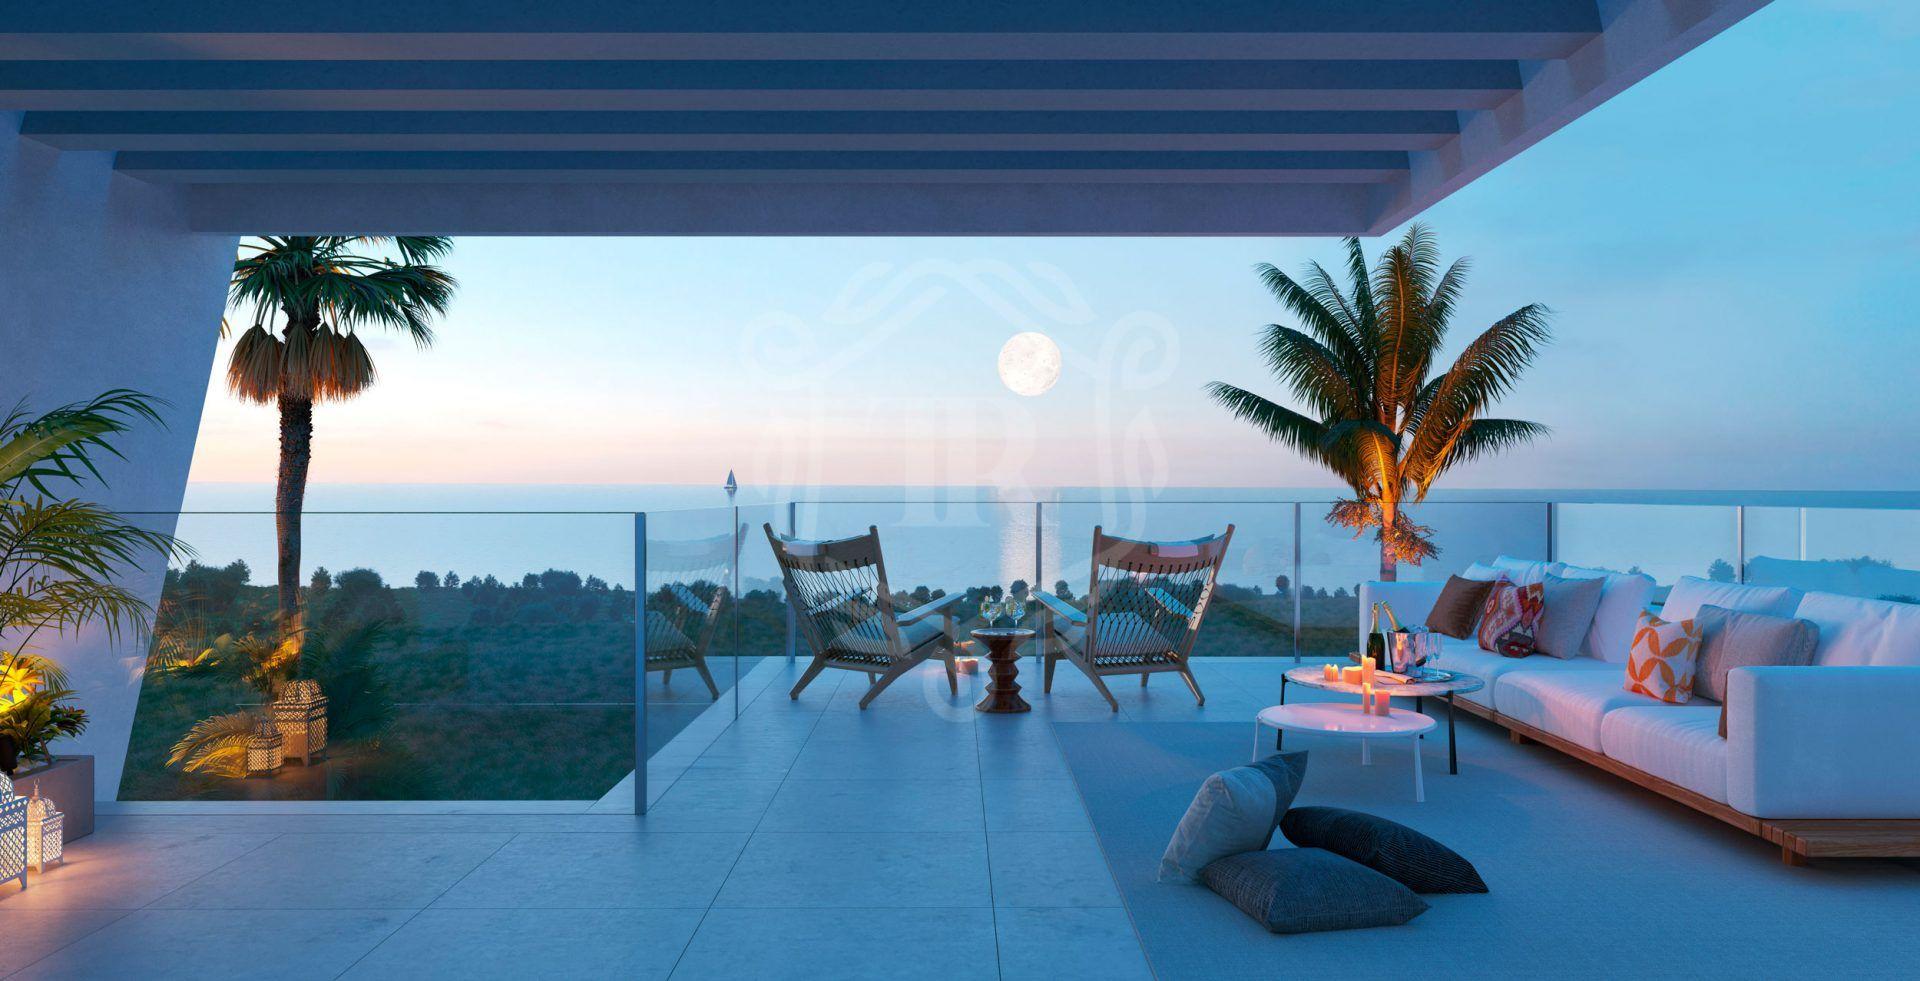 Casa adosada de estilo a contemporáneo con espectaculares vistas al mar